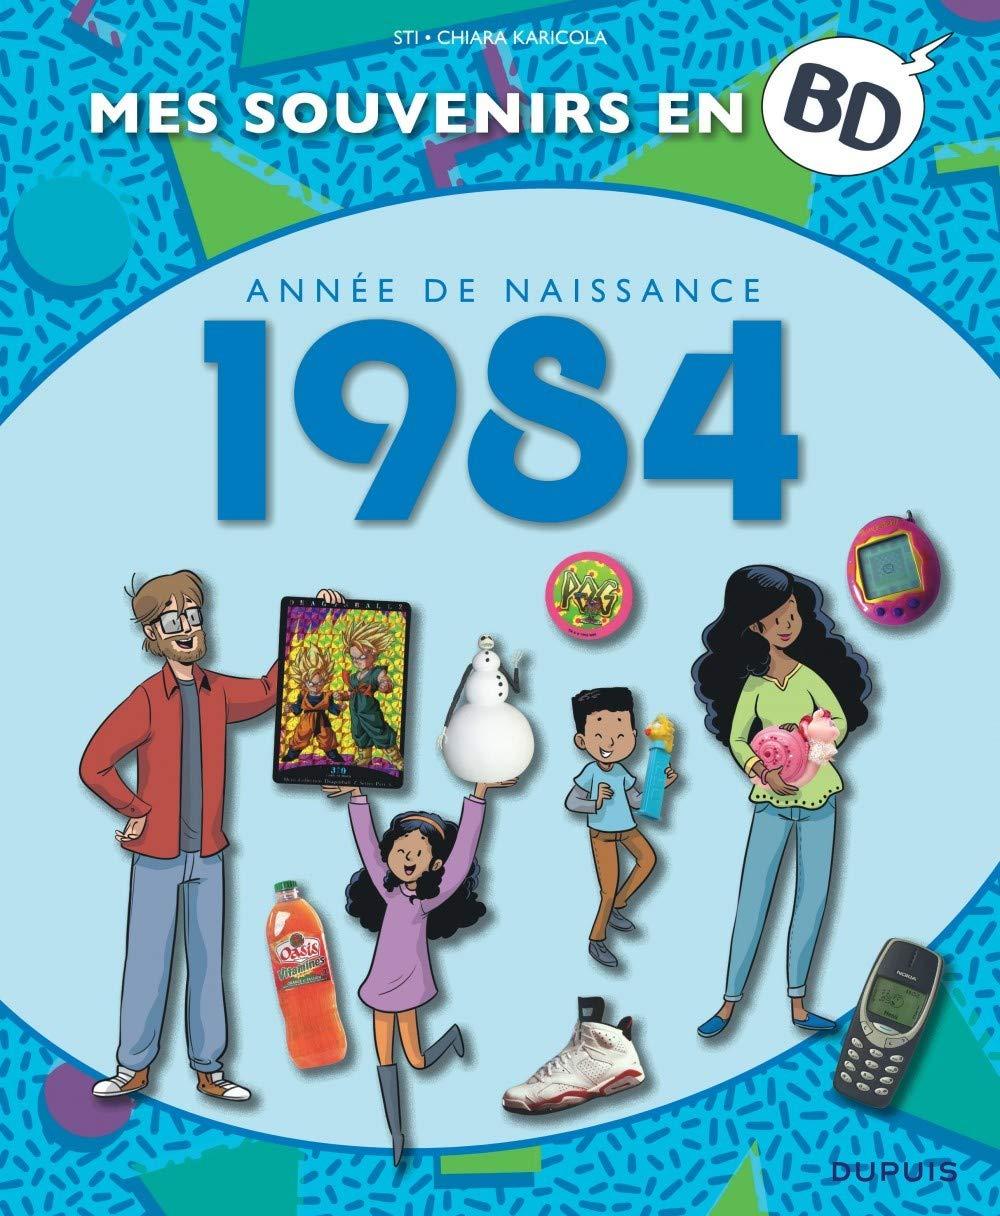 Mes souvenirs en BD 45 - Année de naissance 1984